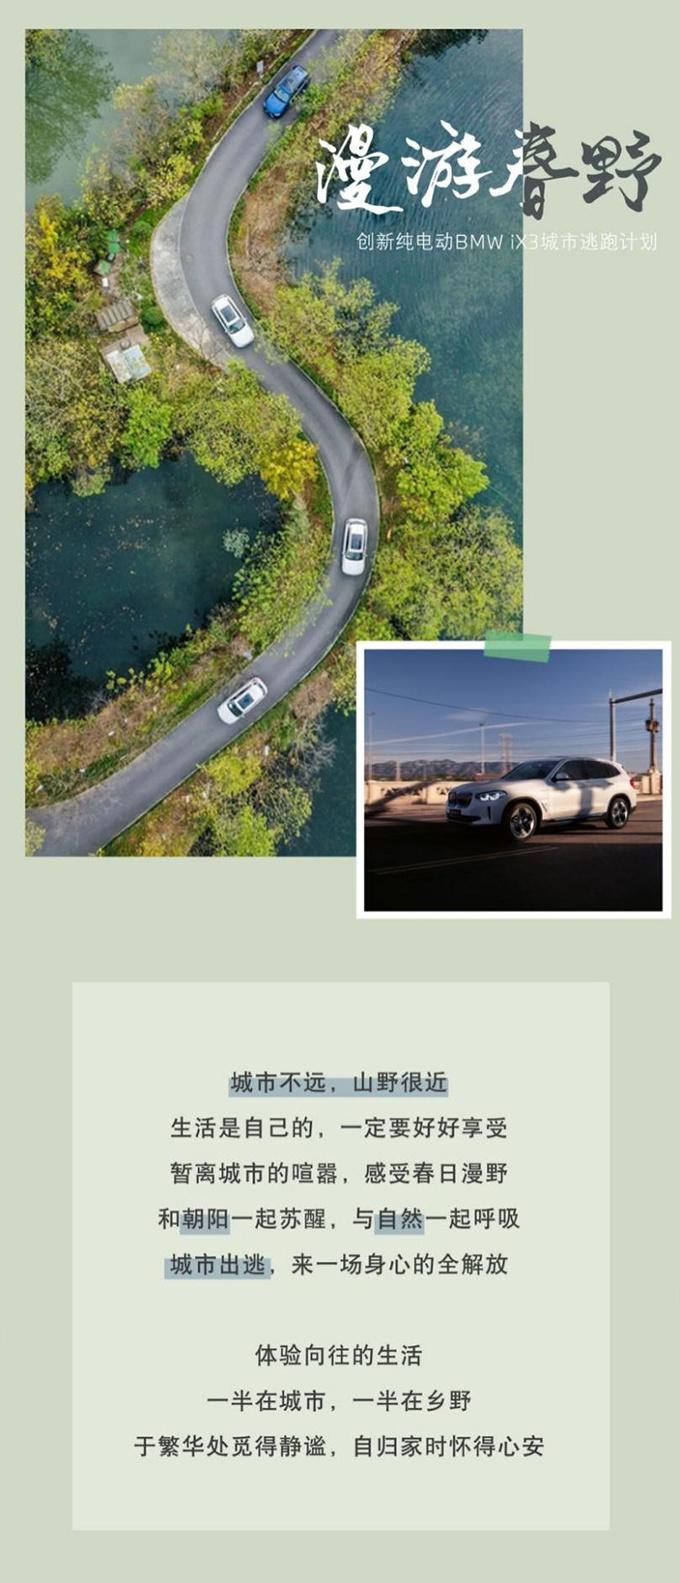 创新纯电动BMW iX3城市出逃计划,开启出行新时代!-图1